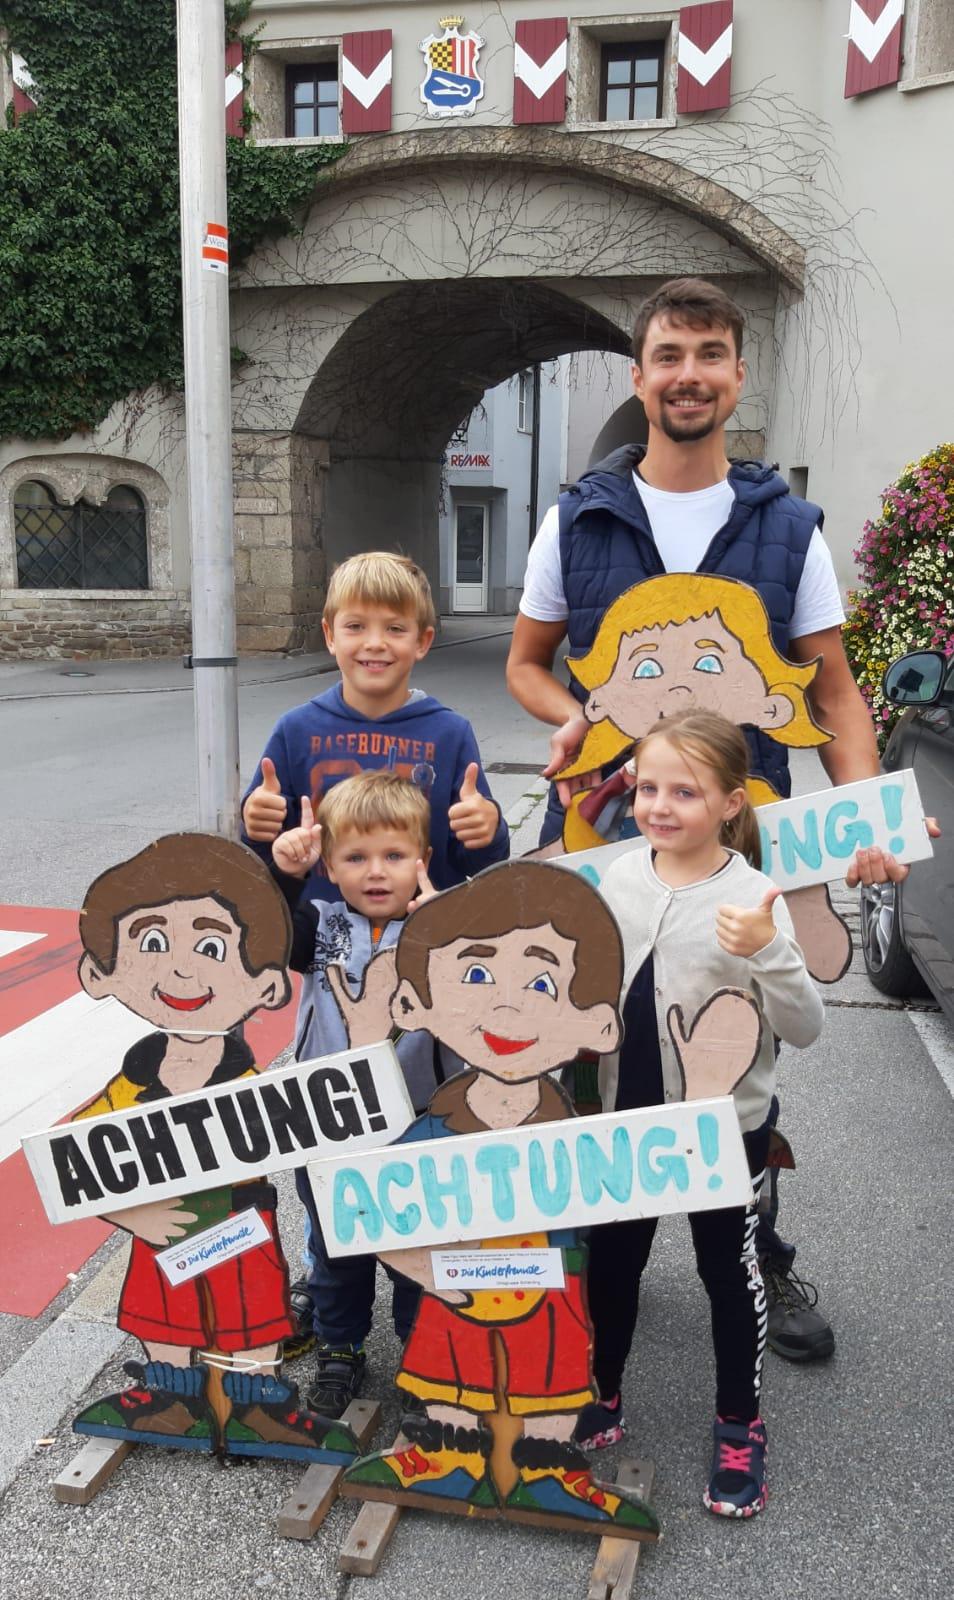 Kinderfreunde Verkehrssicherheit Figuren, Schulanfang, 06.09.19